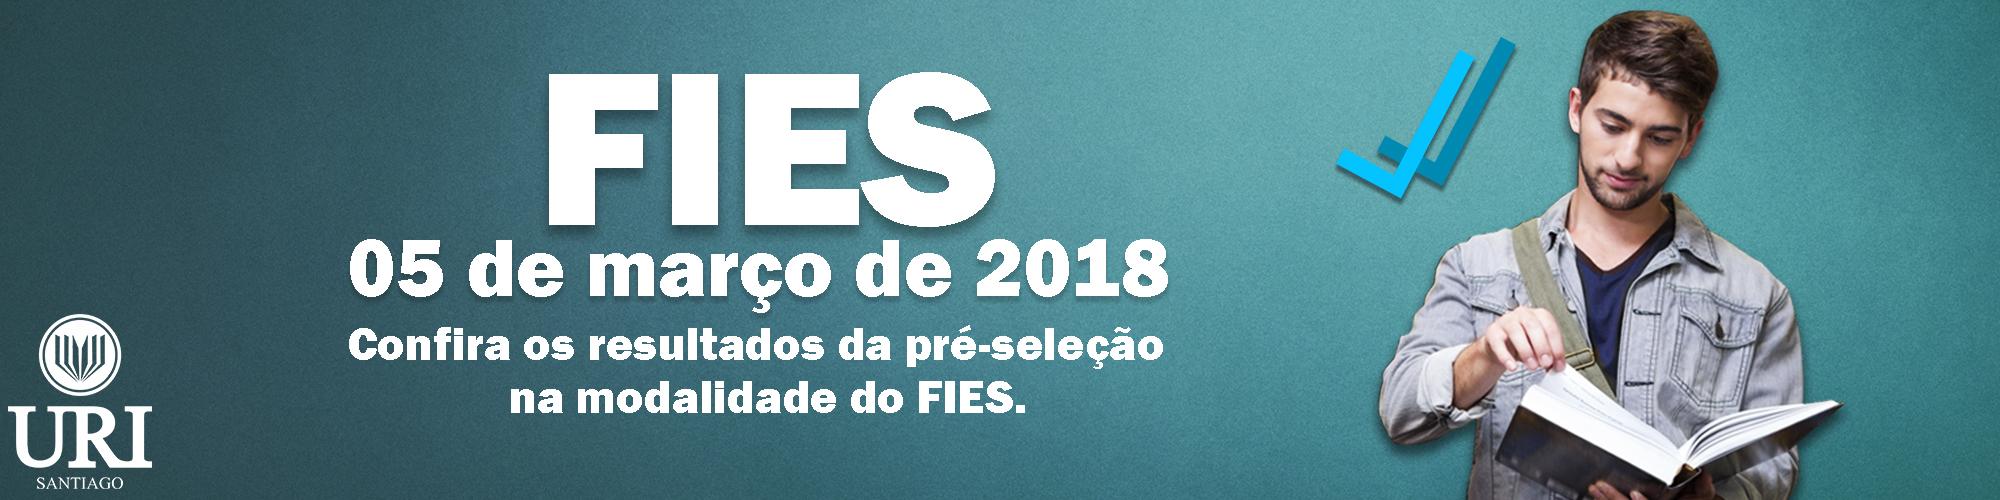 FIES 2018